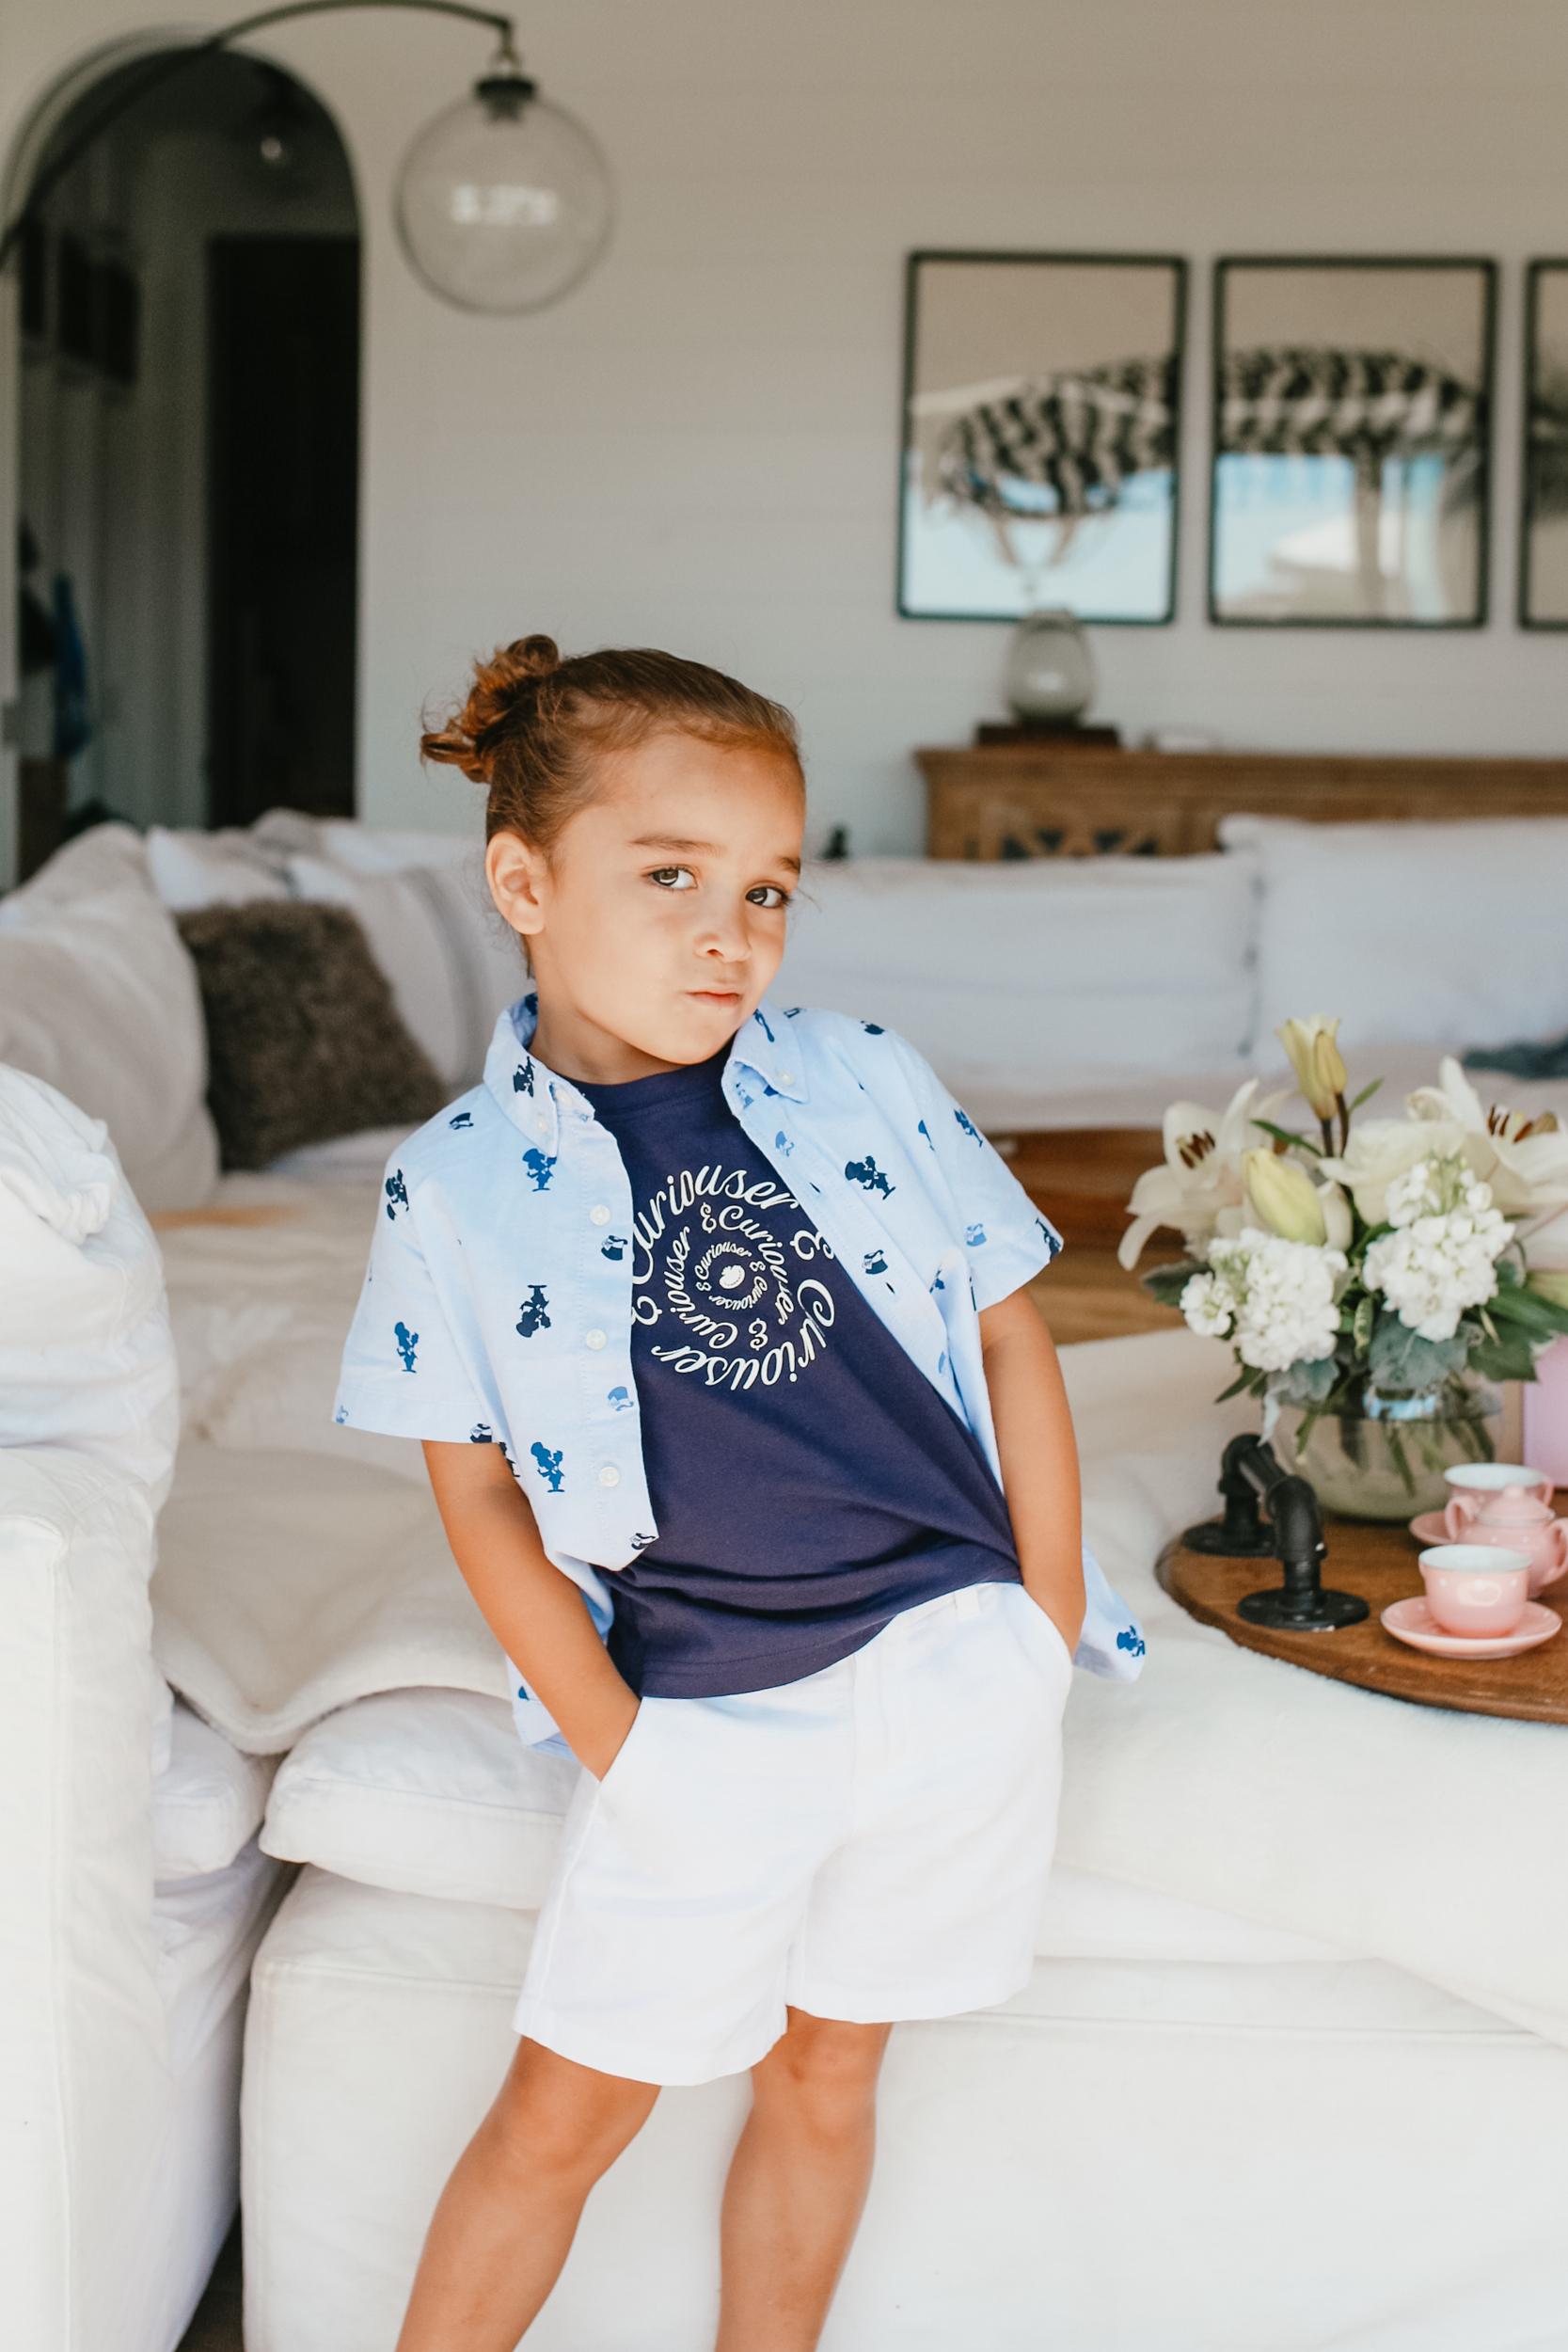 boy posing in fashion